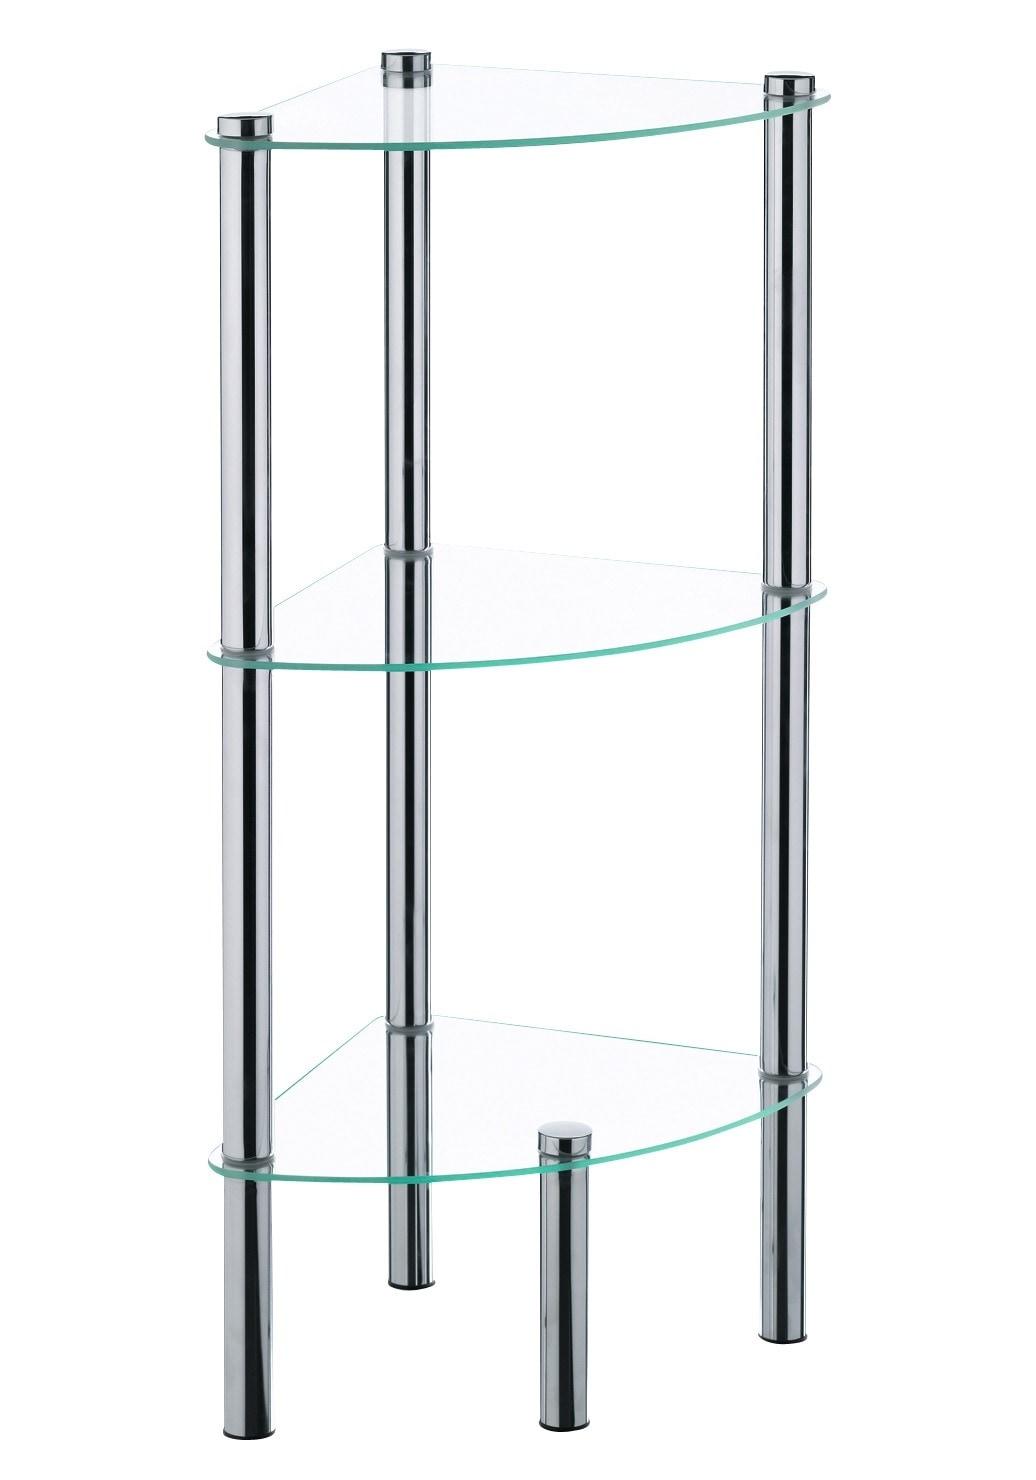 Badregal-Badezimmer-Regal-Kela-Wohnen-Badregale-Mit-Glasboeden-Regale Indexbild 3